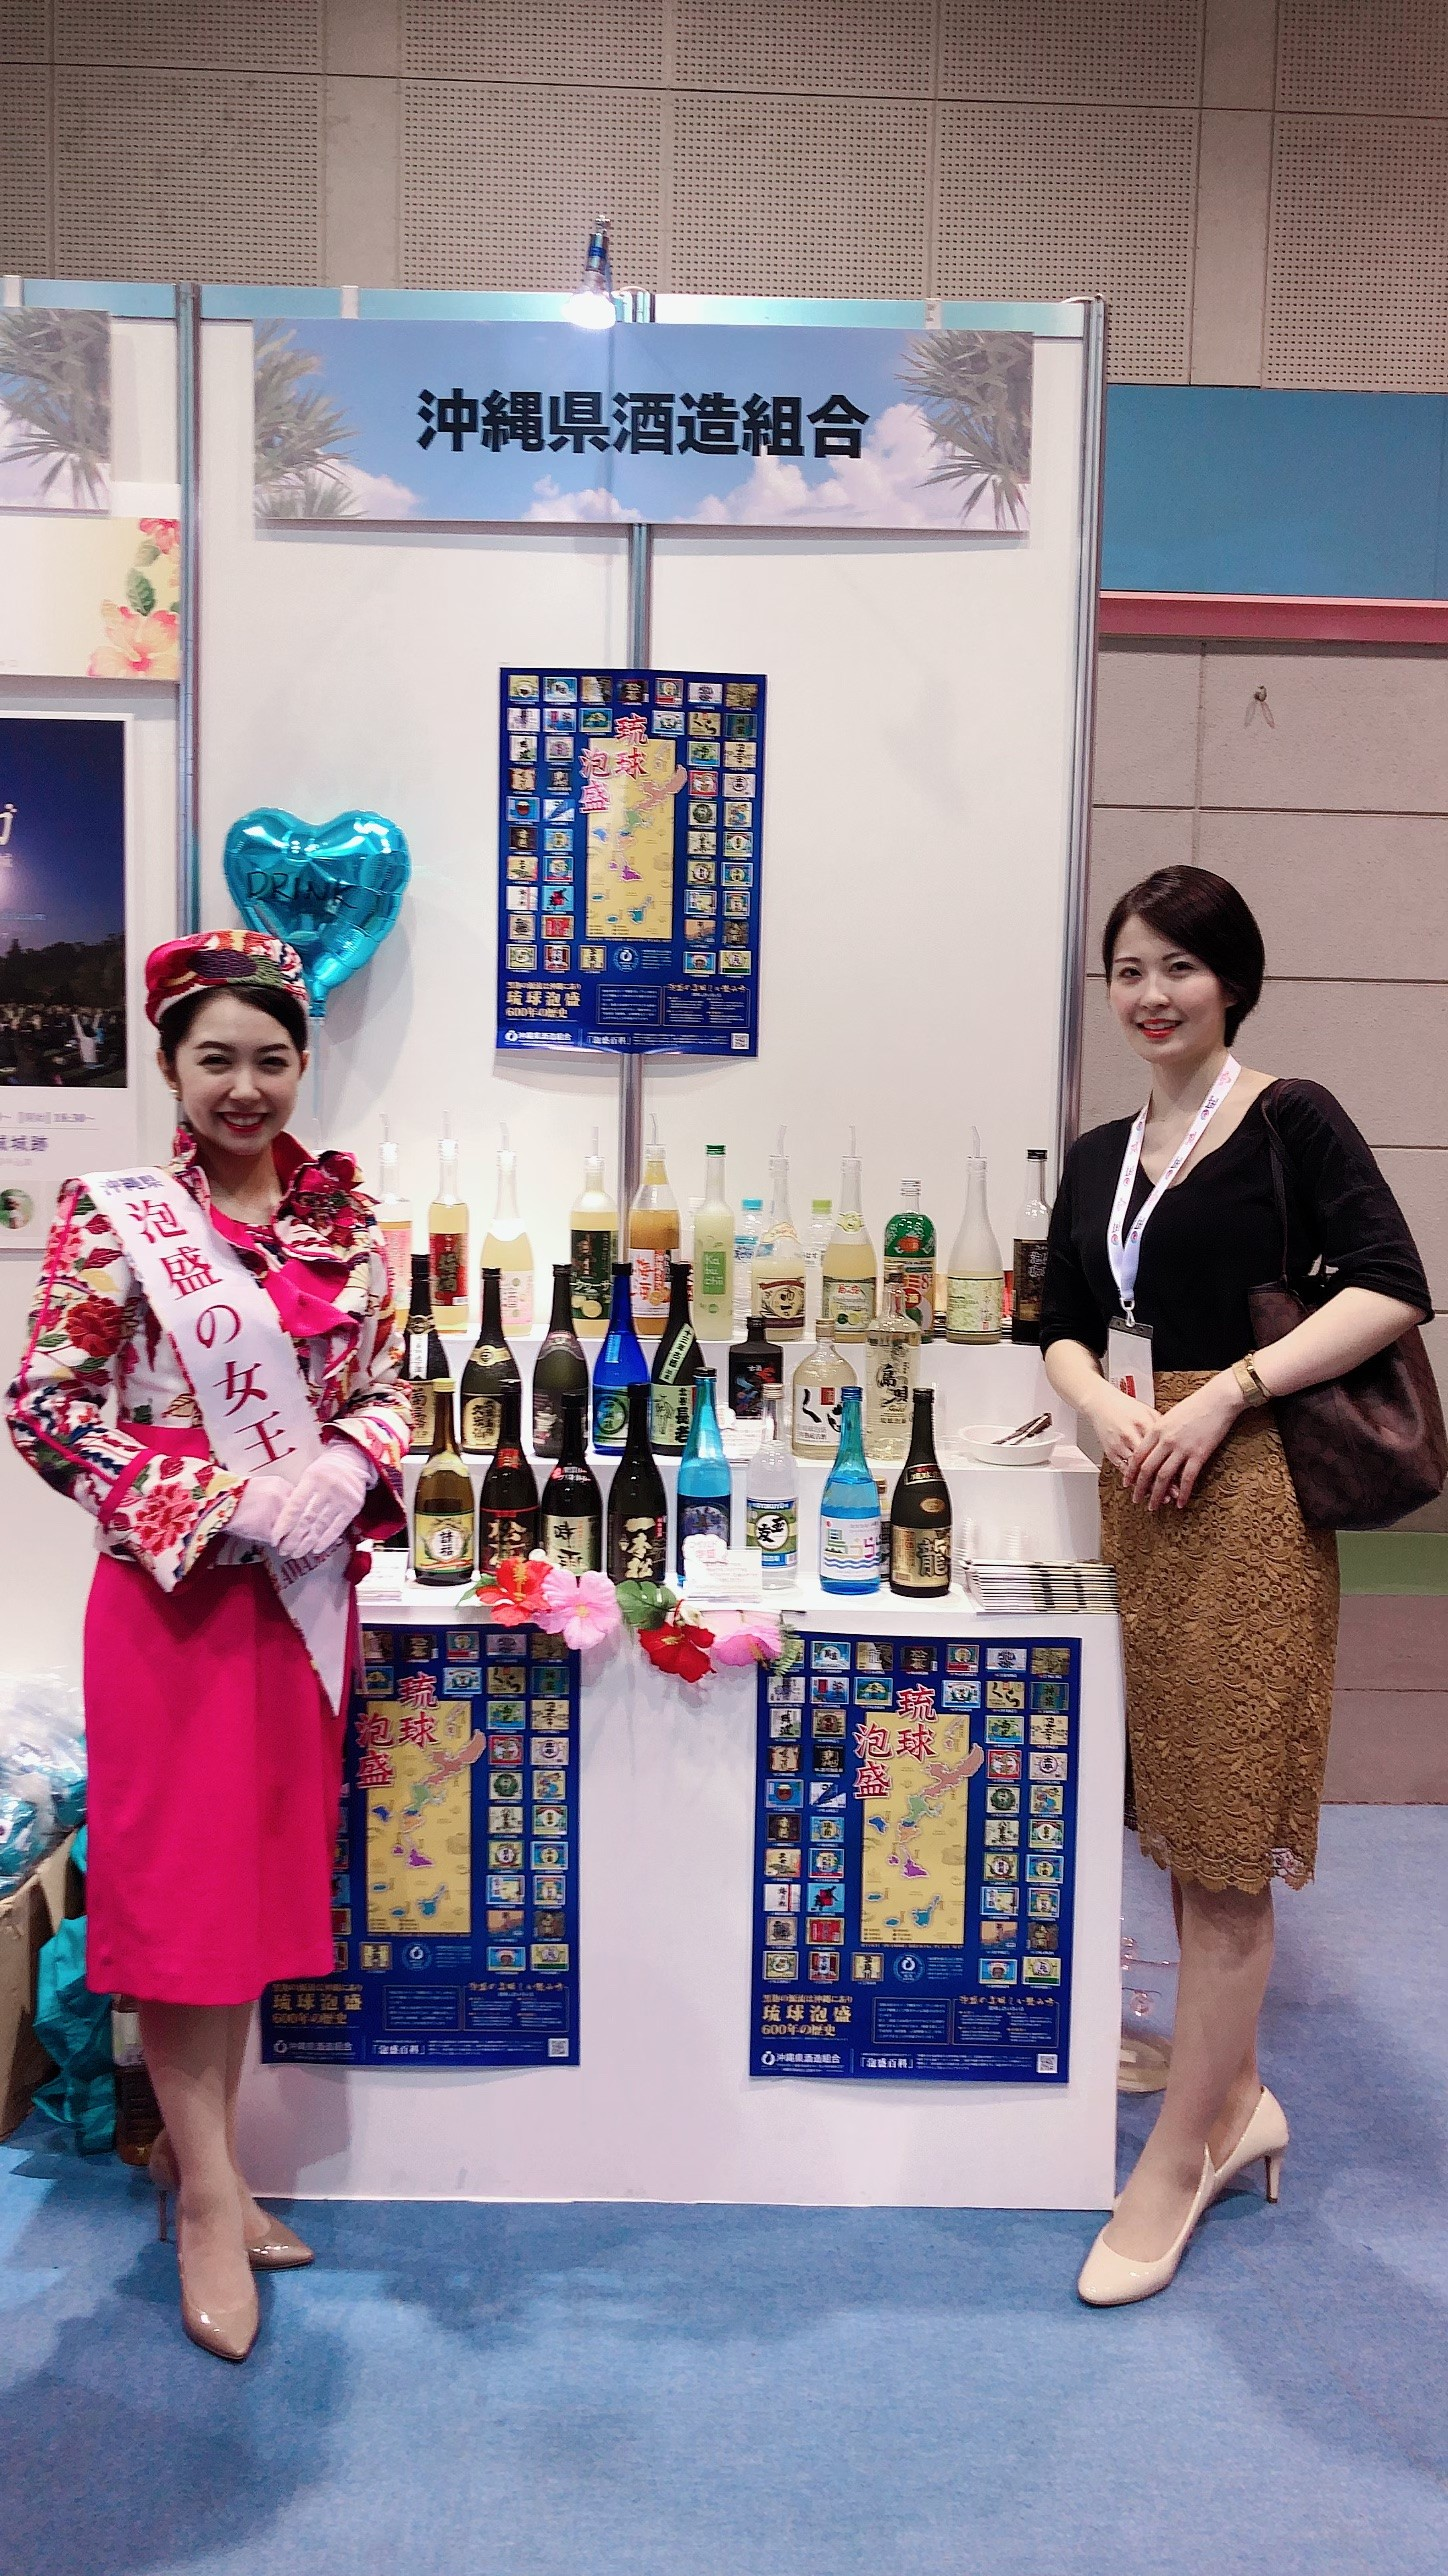 沖縄県酒造組合のブース出展もあり こちらには2019泡盛の女王砂邊由美さんも